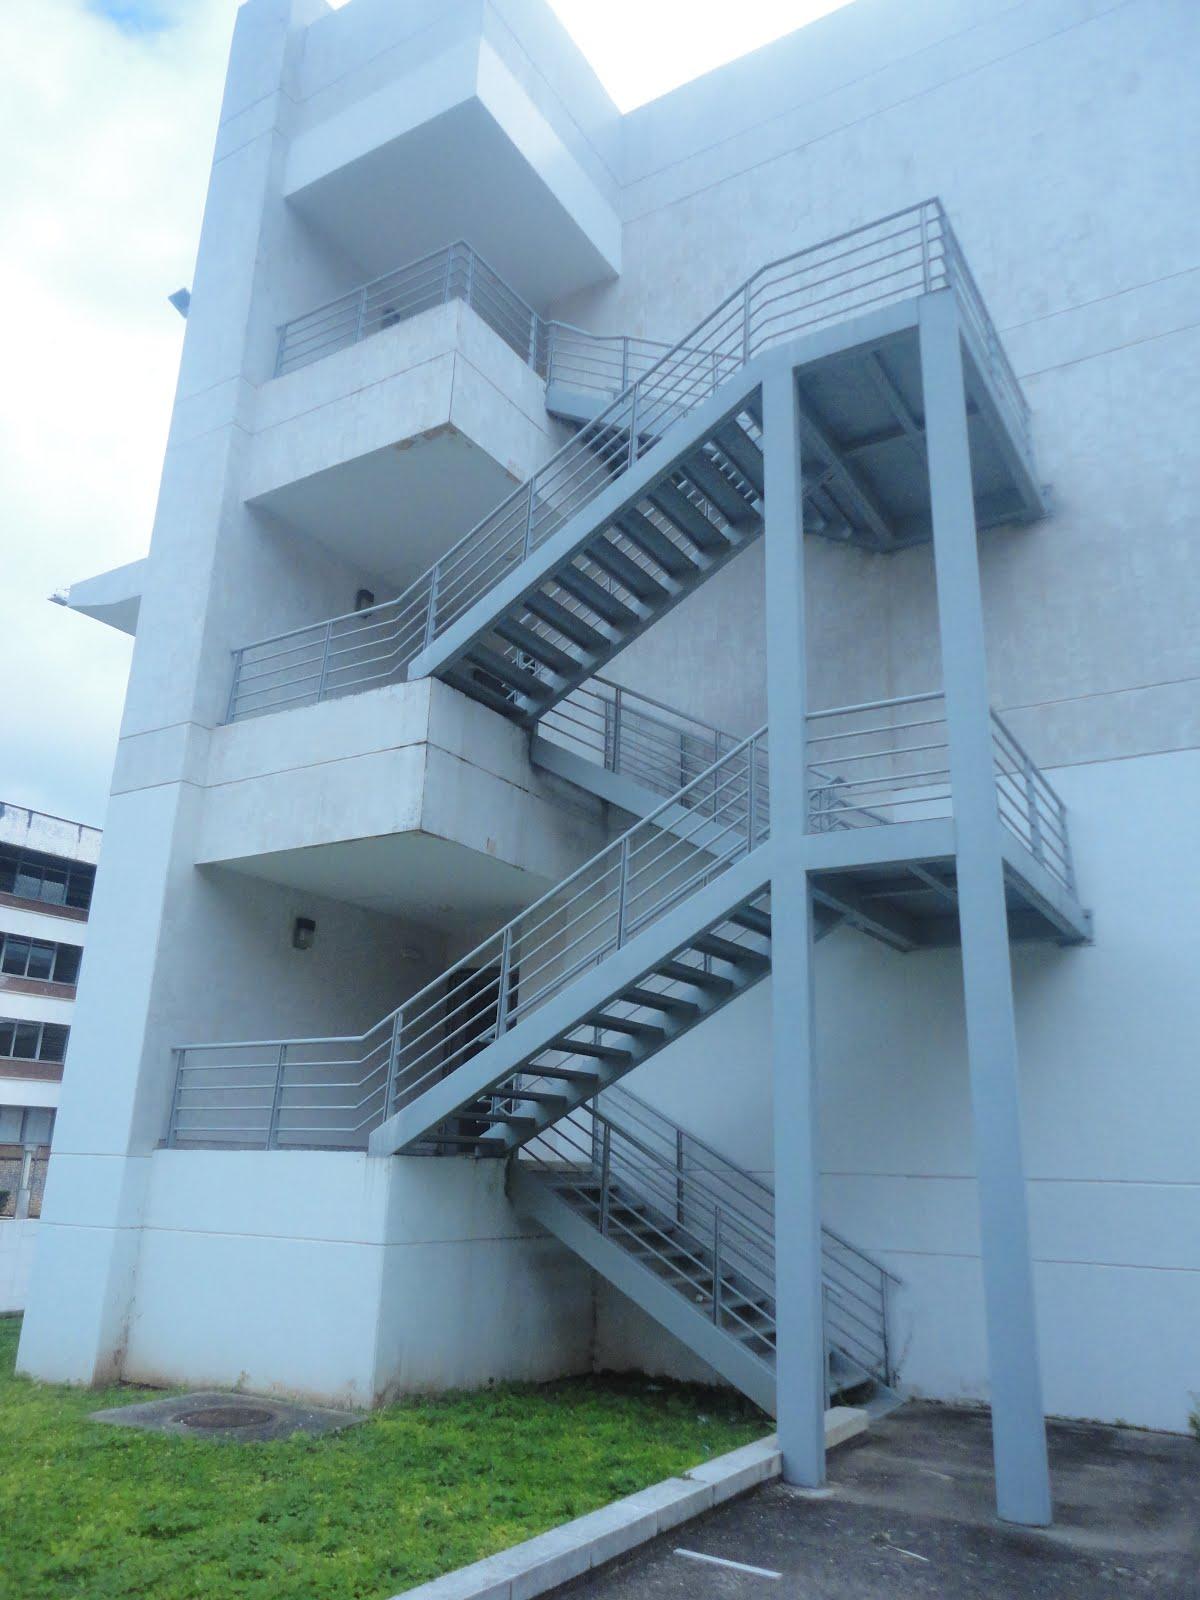 Torre de alejandria arte in situ for Escaleras de emergencia